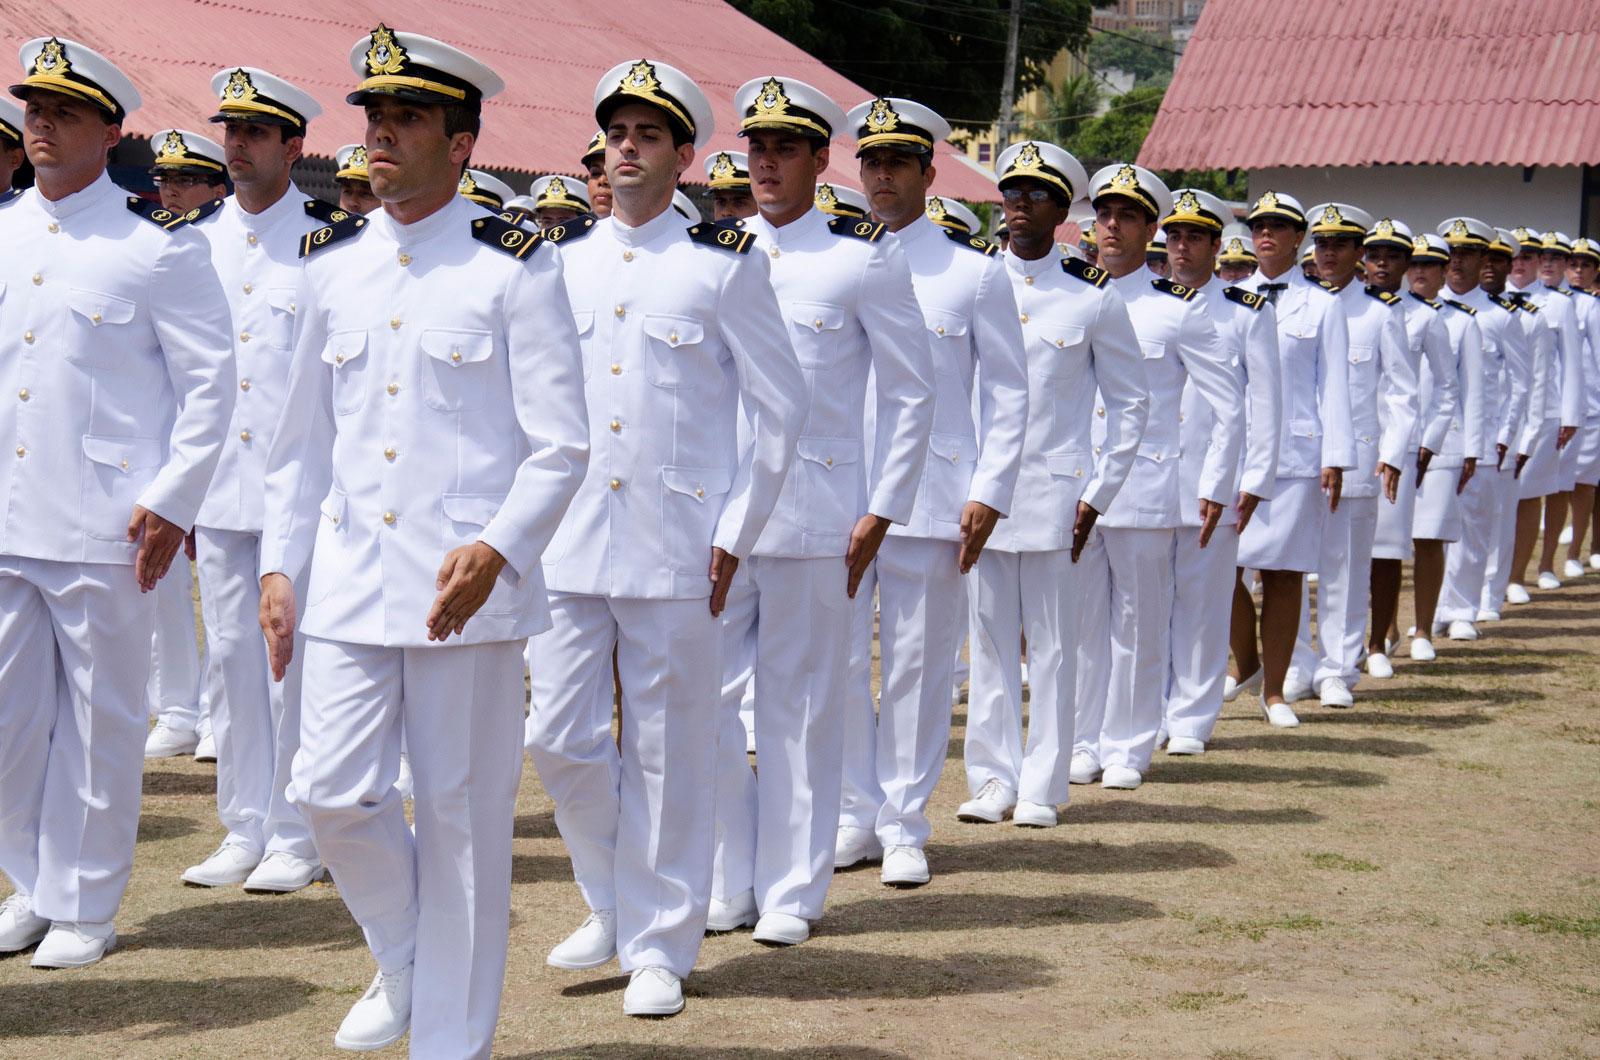 Imagem notícia Inscreva-se no Contagem Regressiva Marinha